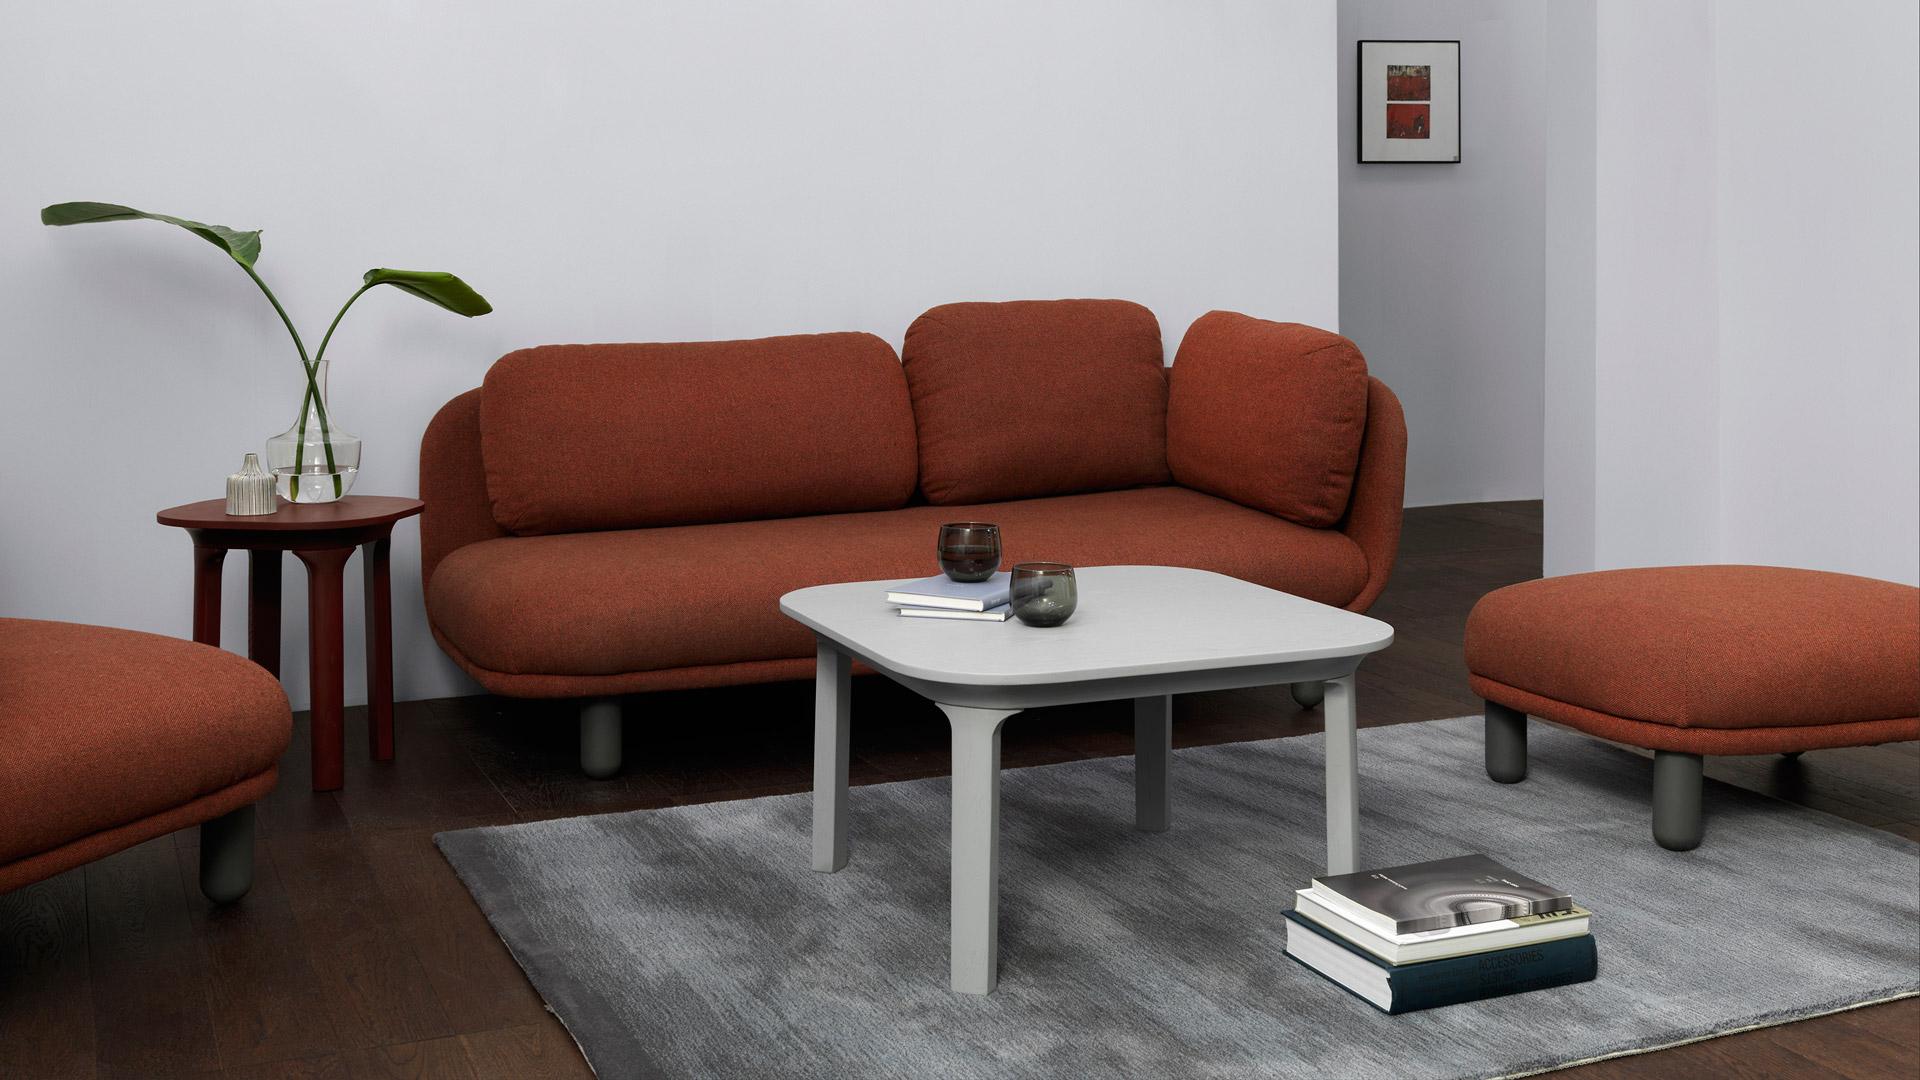 用暖色云团沙发搭起客厅围坐休闲区,毫无冰冷与棱角,纤细灵巧的瓦檐茶几留白空间,靠在地毯,随手即得的书茶,客厅陪伴惬意温暖。